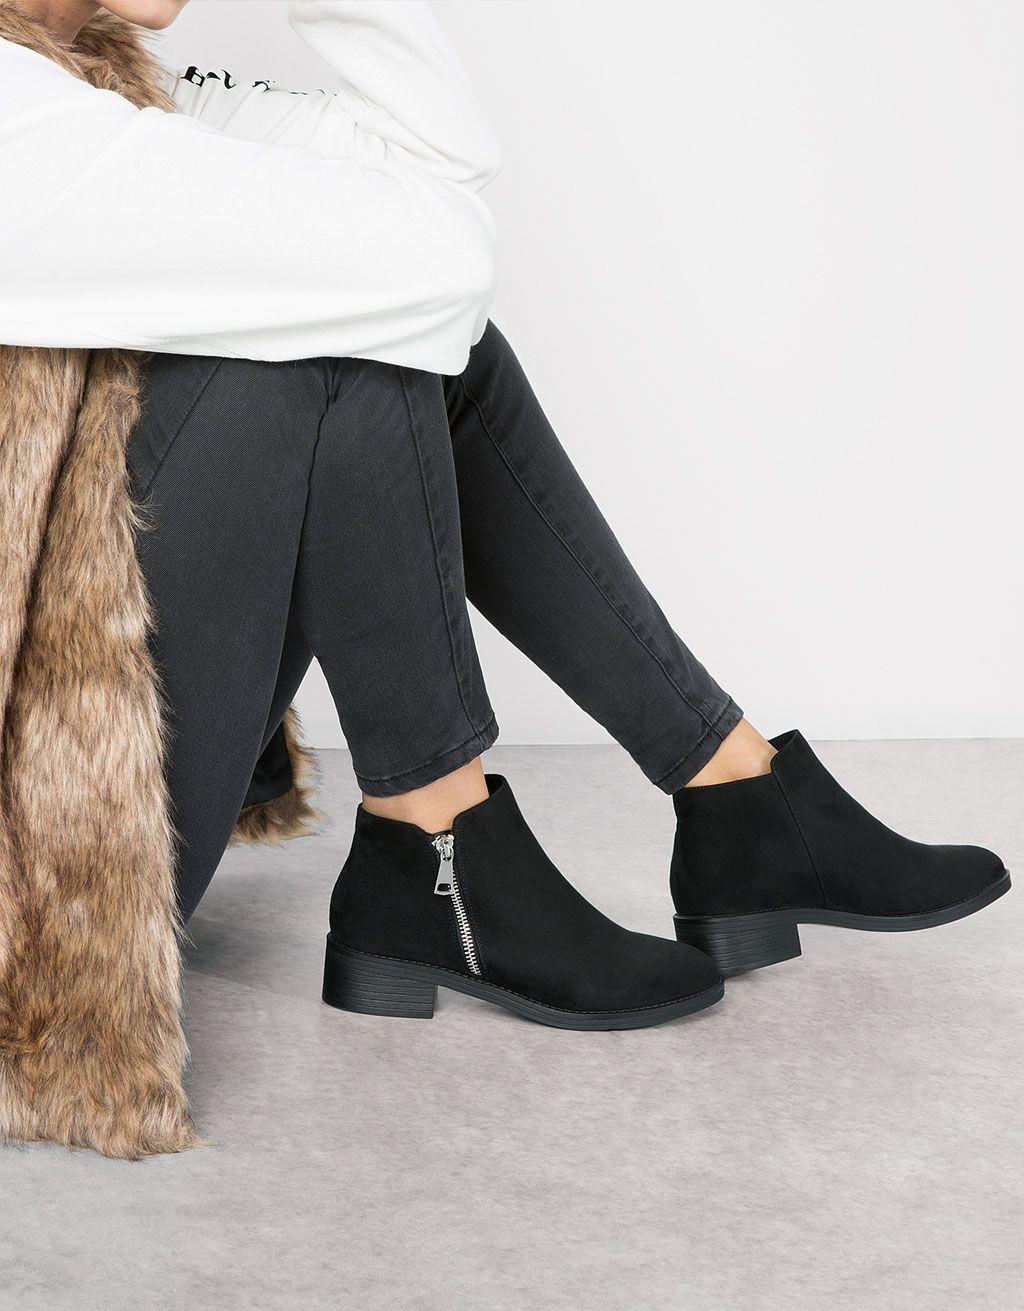 Flacher Schuh mit Reißverschluss. Entdecken Sie diese und viele andere Kleidungsstücke in Bershka unter neue Produkte jede Woche